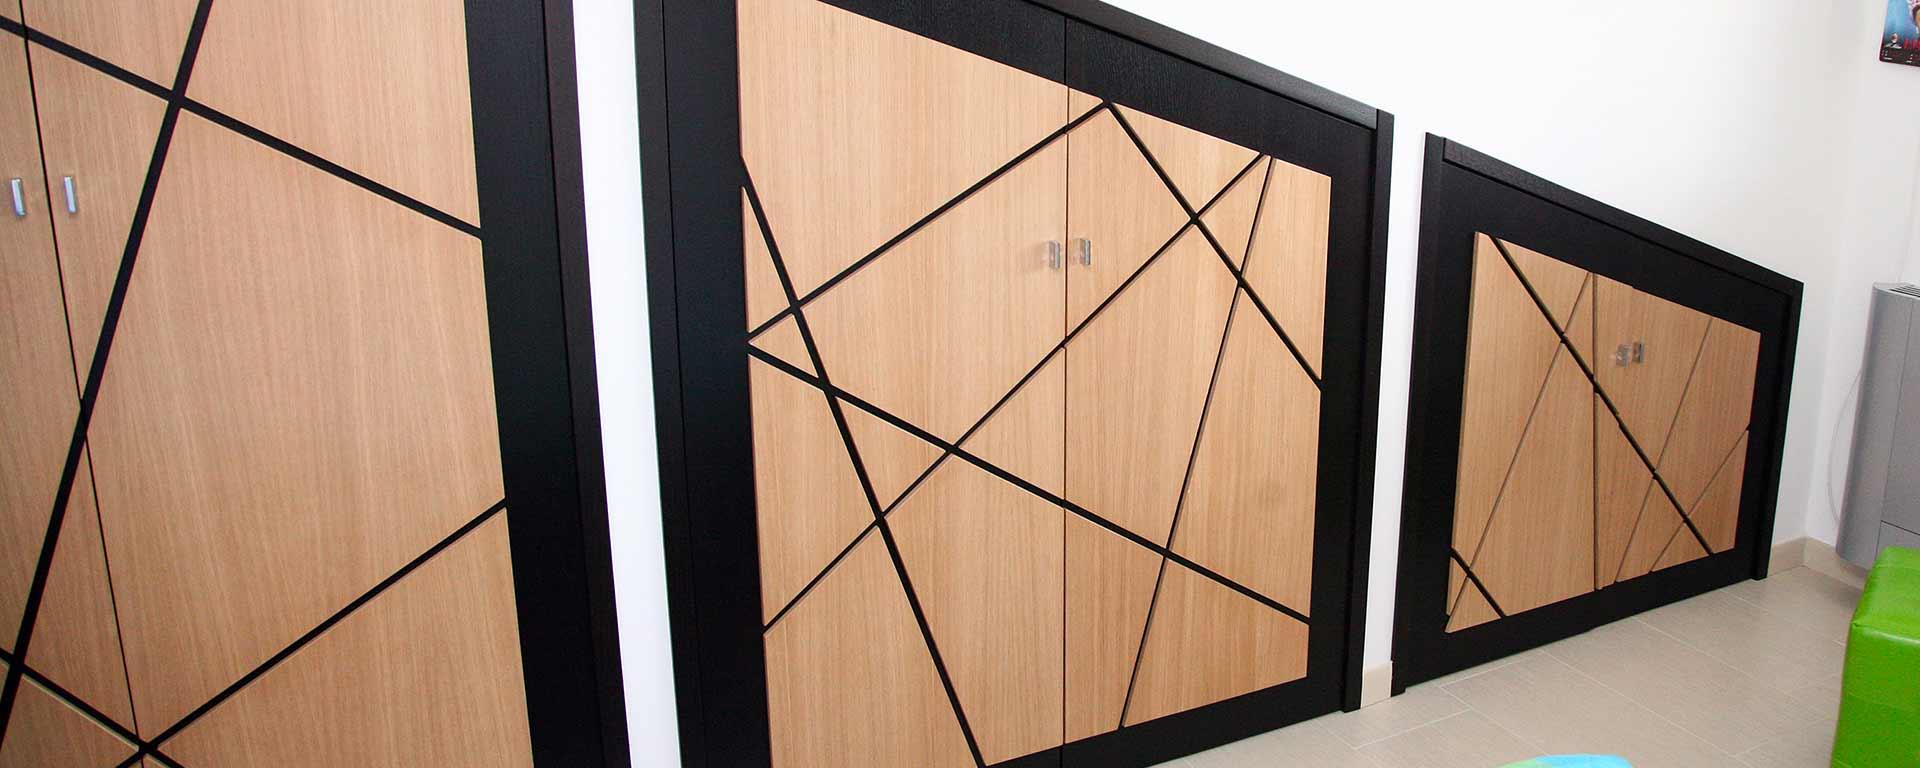 arredamenti-interni-legno-doccula-sicilia